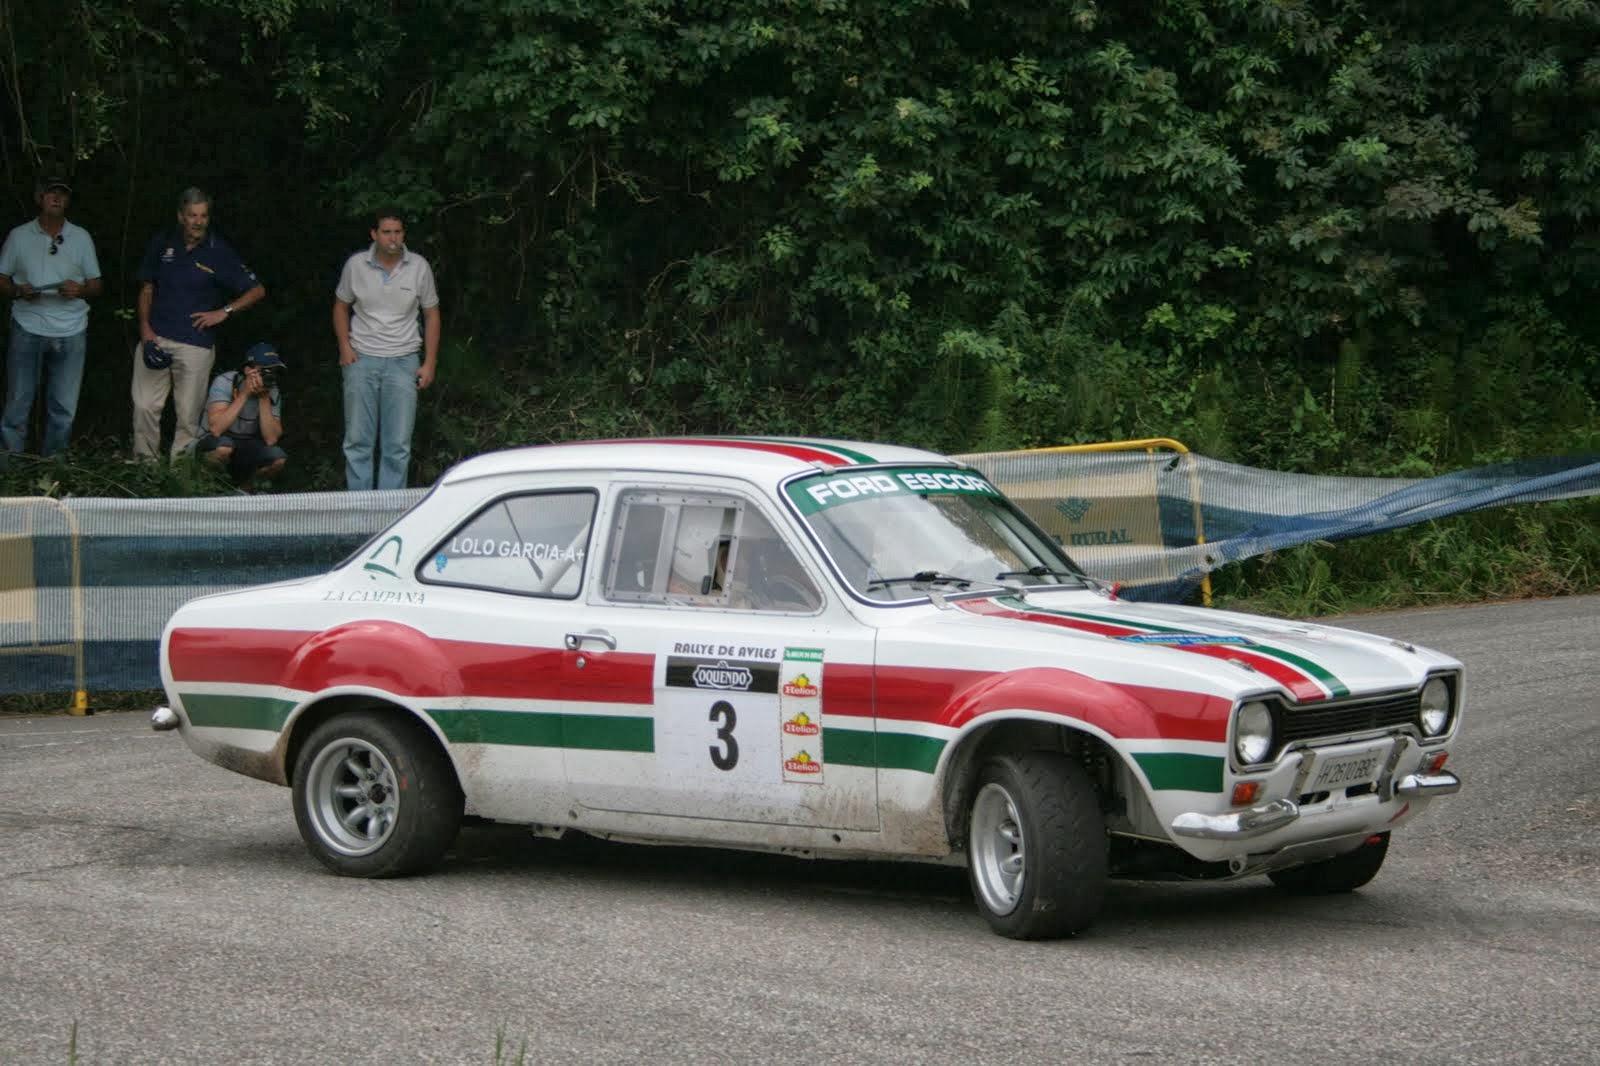 Manuel+BOBES+Ford+Escort+Rs+1600+MKI+34+Rallye+de+Aviles+2010.jpg